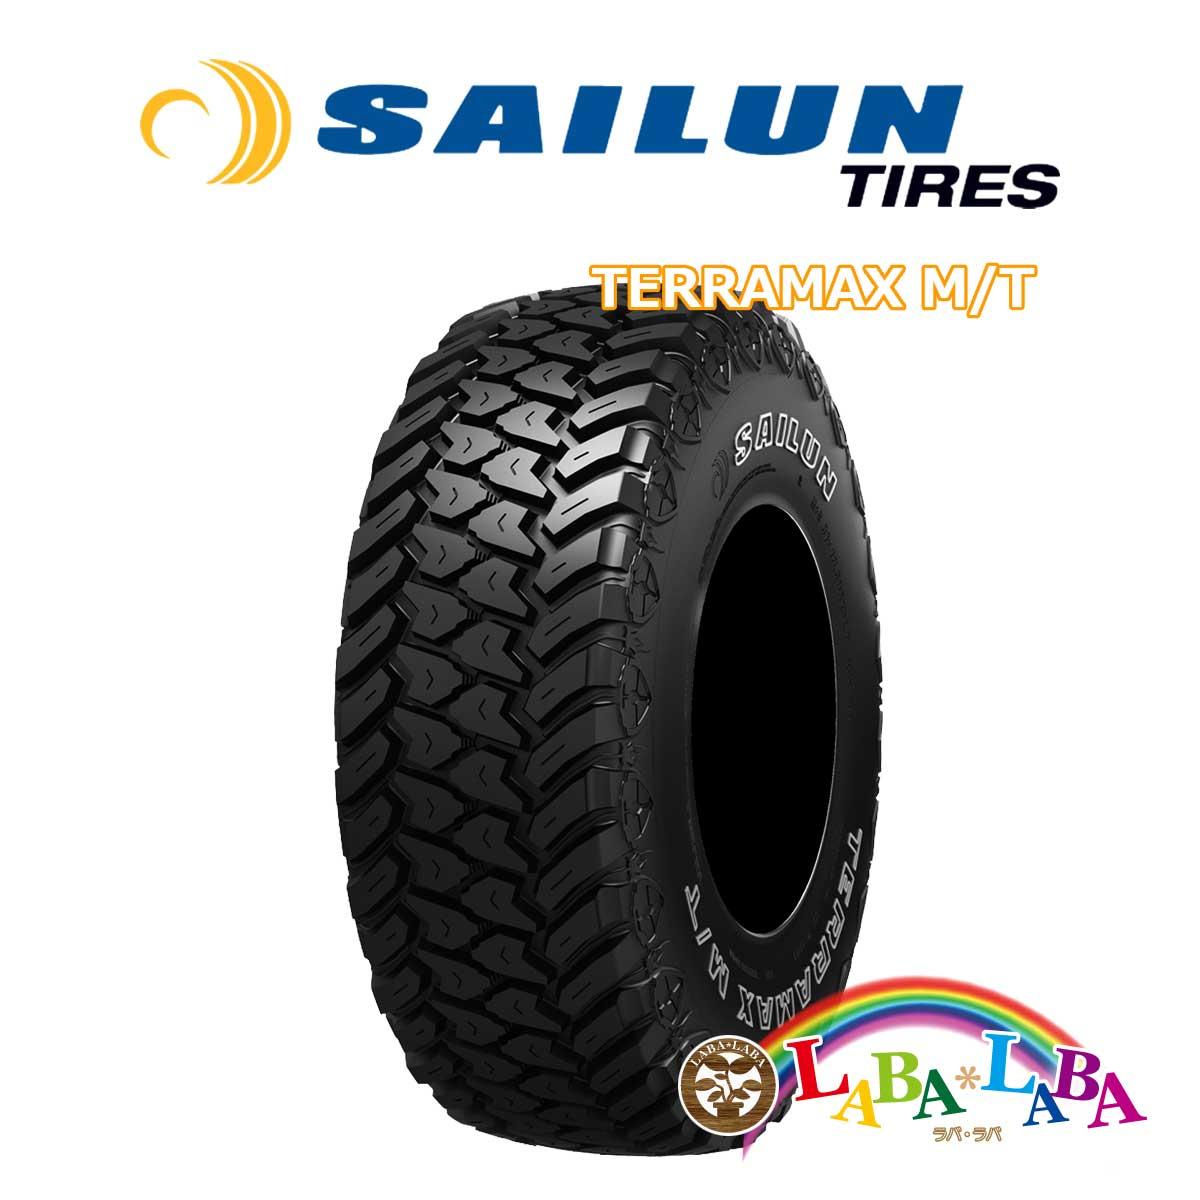 SAILUN サイレン TERRAMAX テラマックス M/T (MT) 31×10.50R15 109Q マッドテレーン SUV 4WD 2本セット